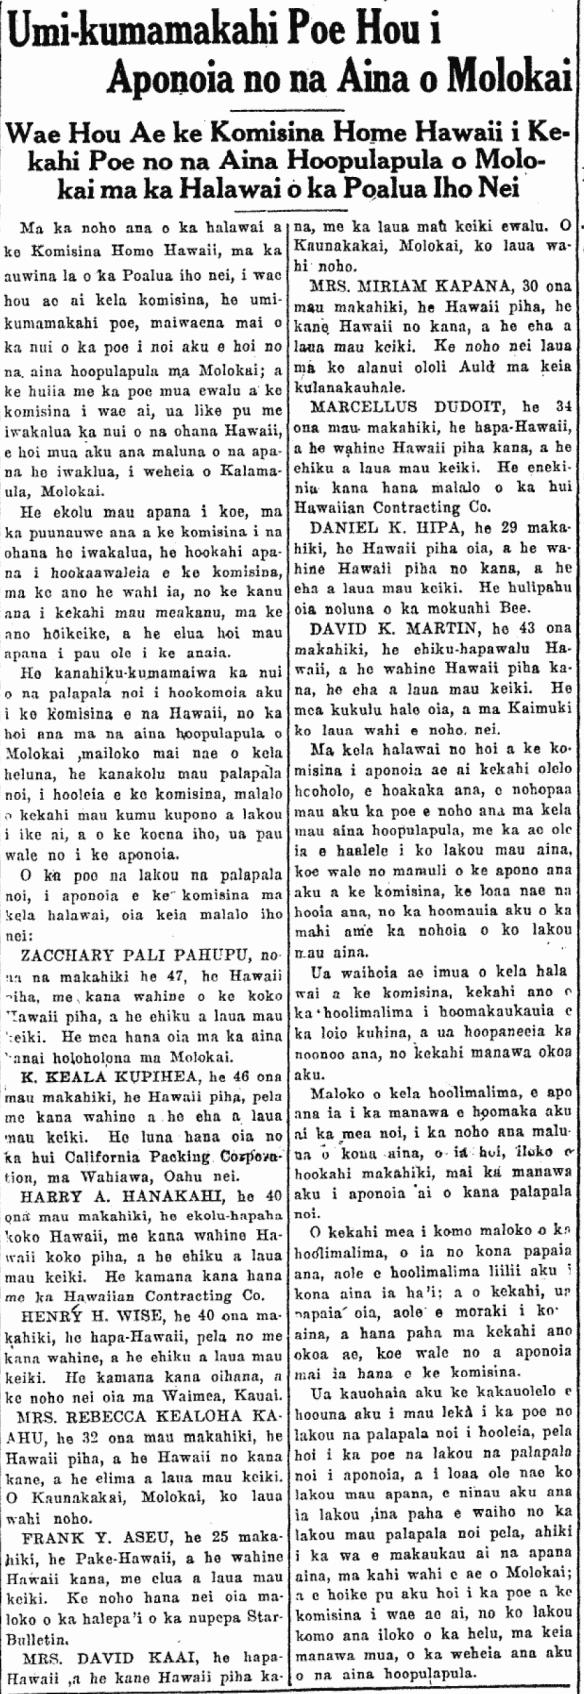 Umi-kumamakahi Poe Hou i Aponoia no na Aina o Molokai